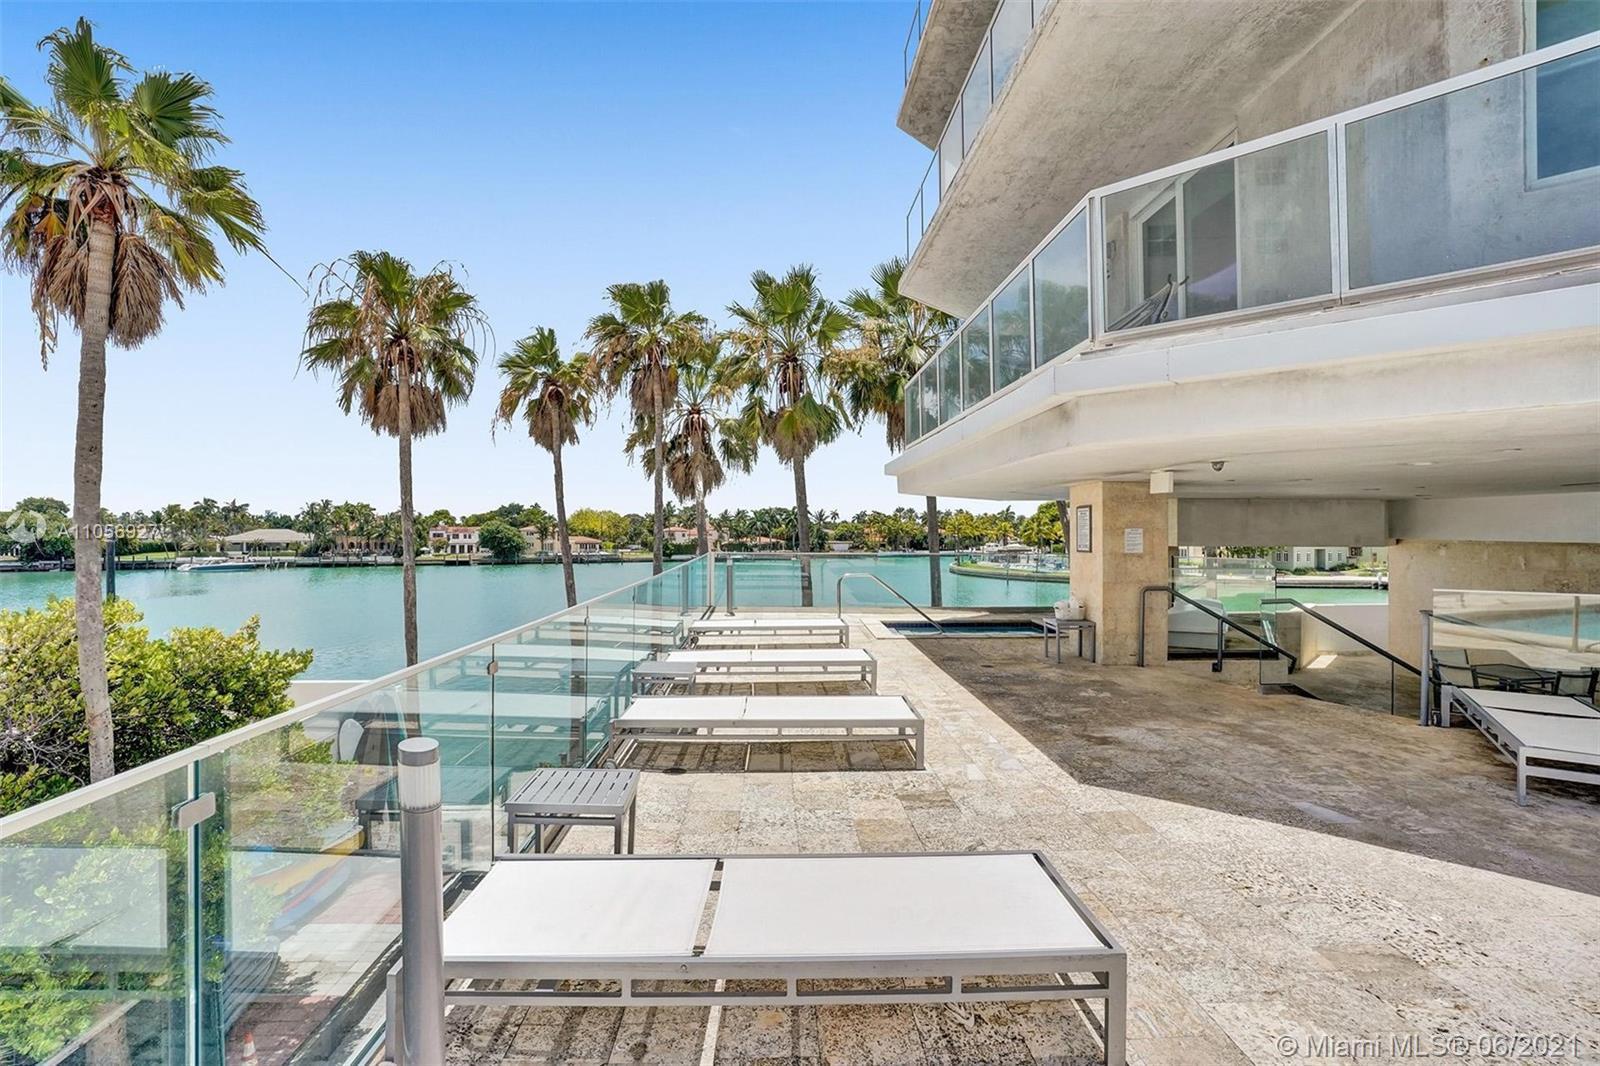 Grand View- Квартиры на набережной в Майами-Бич